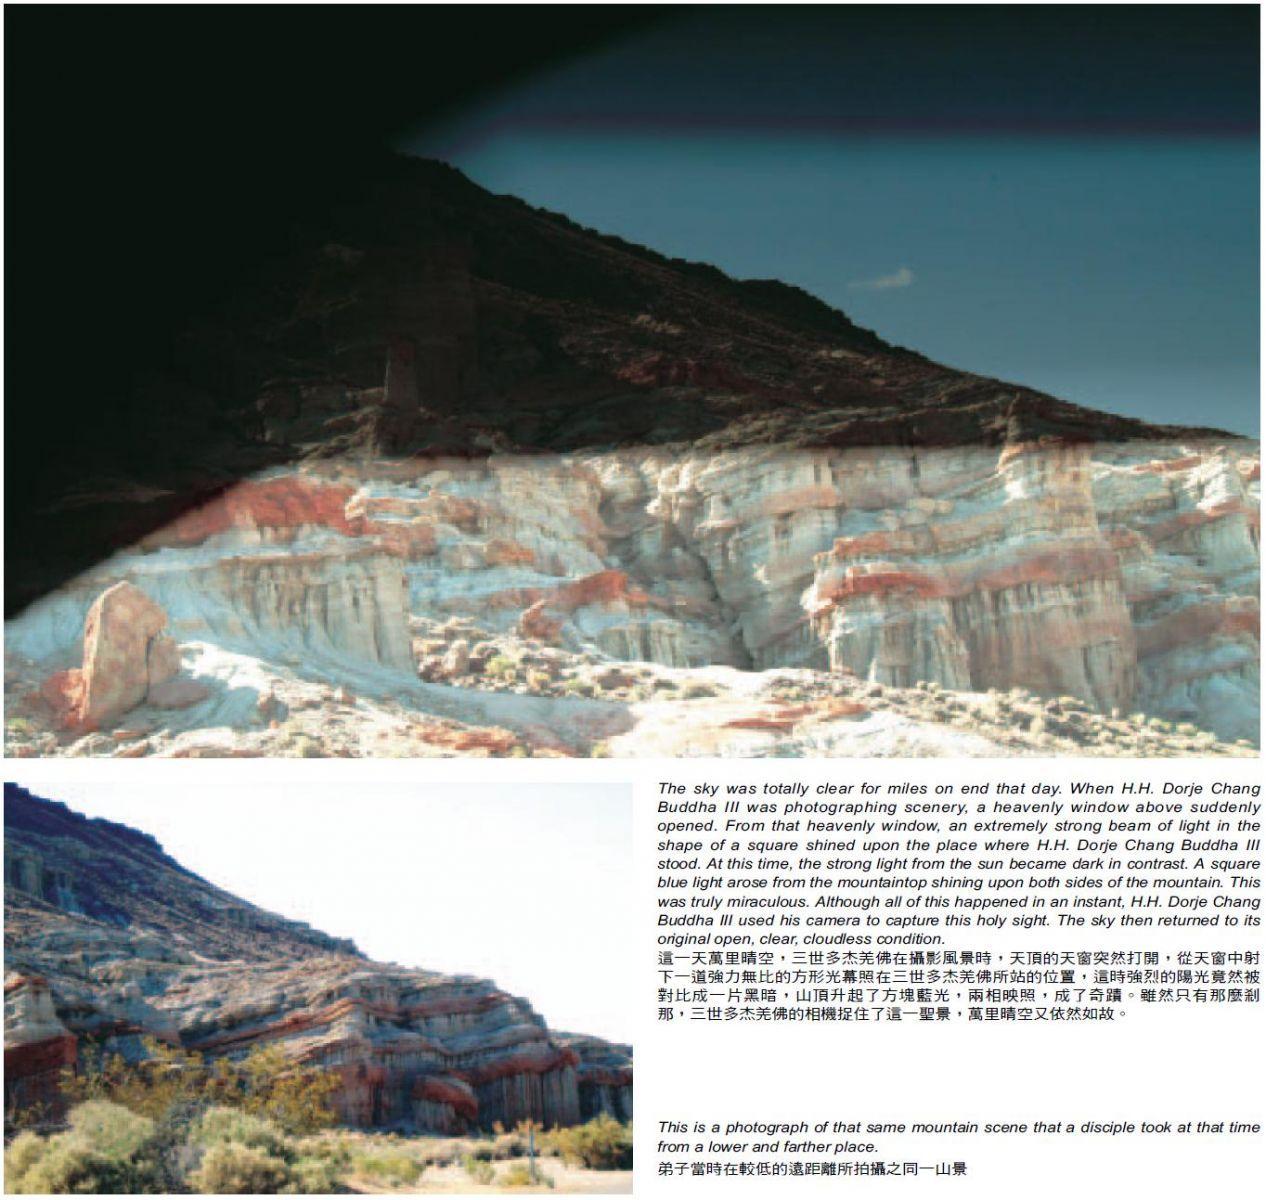 《多杰羌佛第三世》-照相聖境展現(179-180頁)